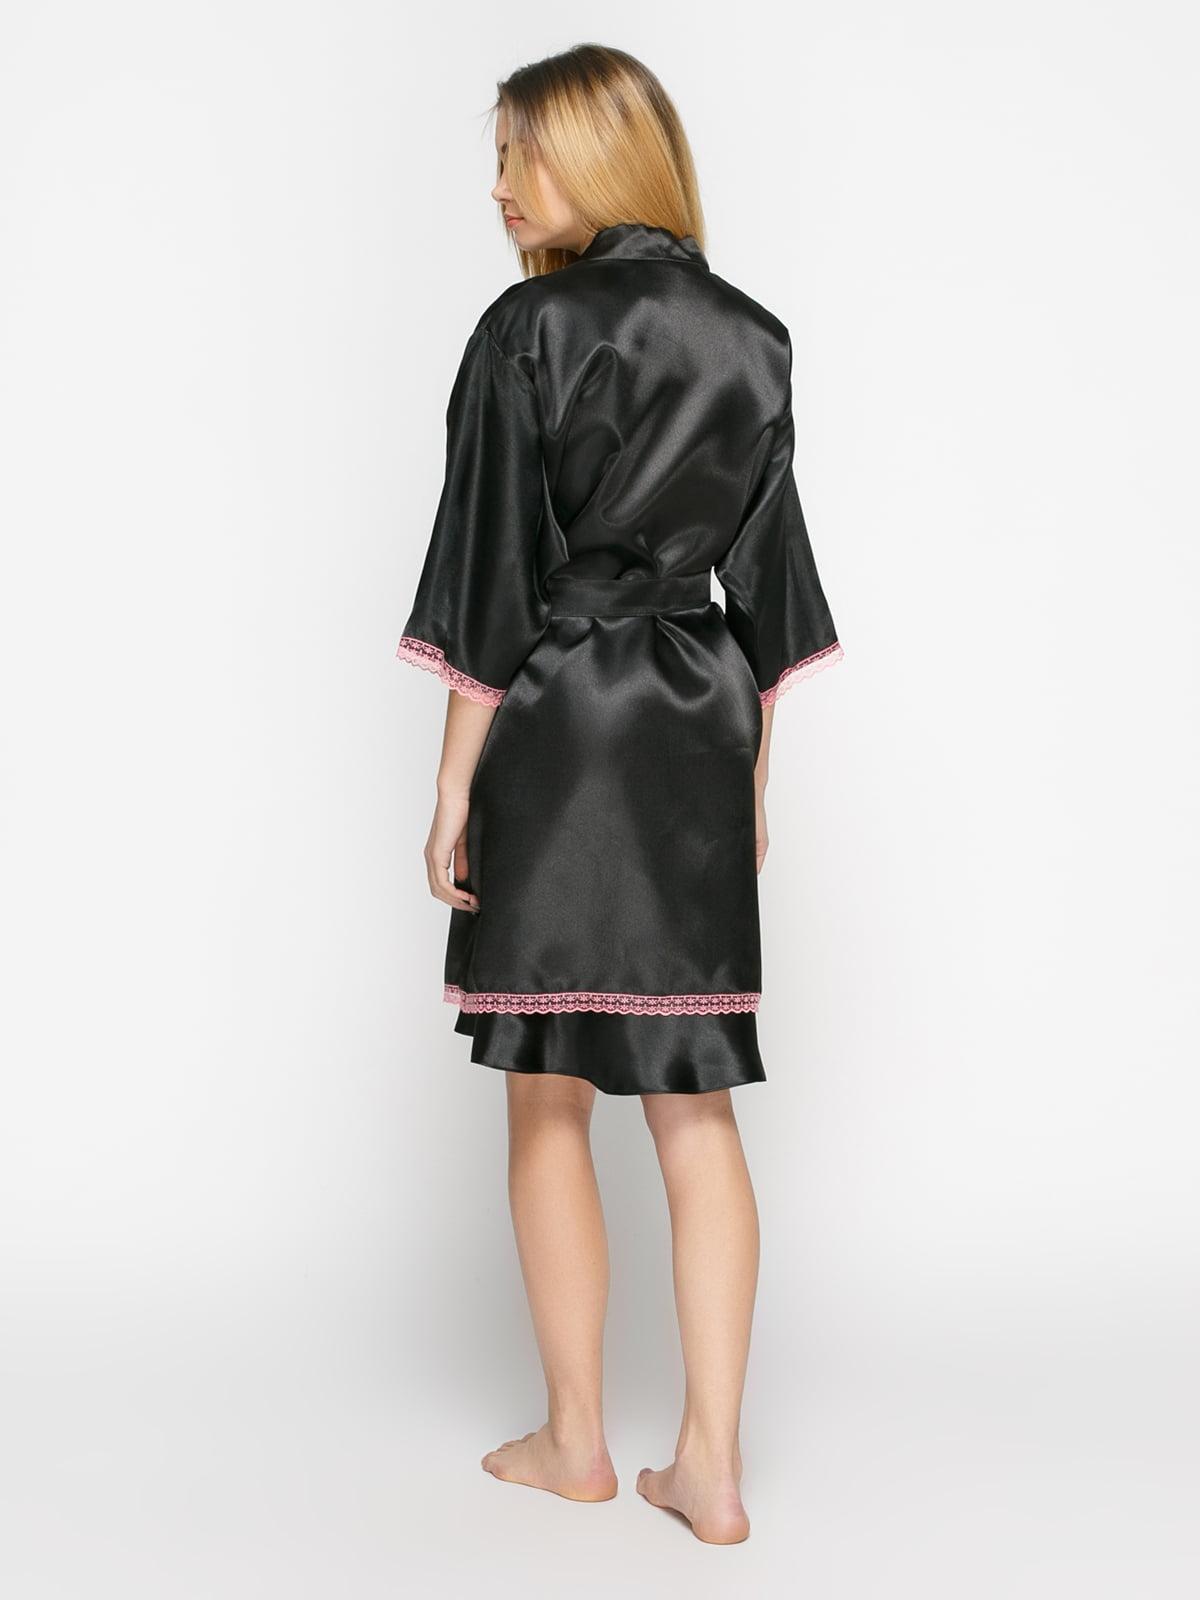 Халат черный с розовым кружевом | 4823261 | фото 2